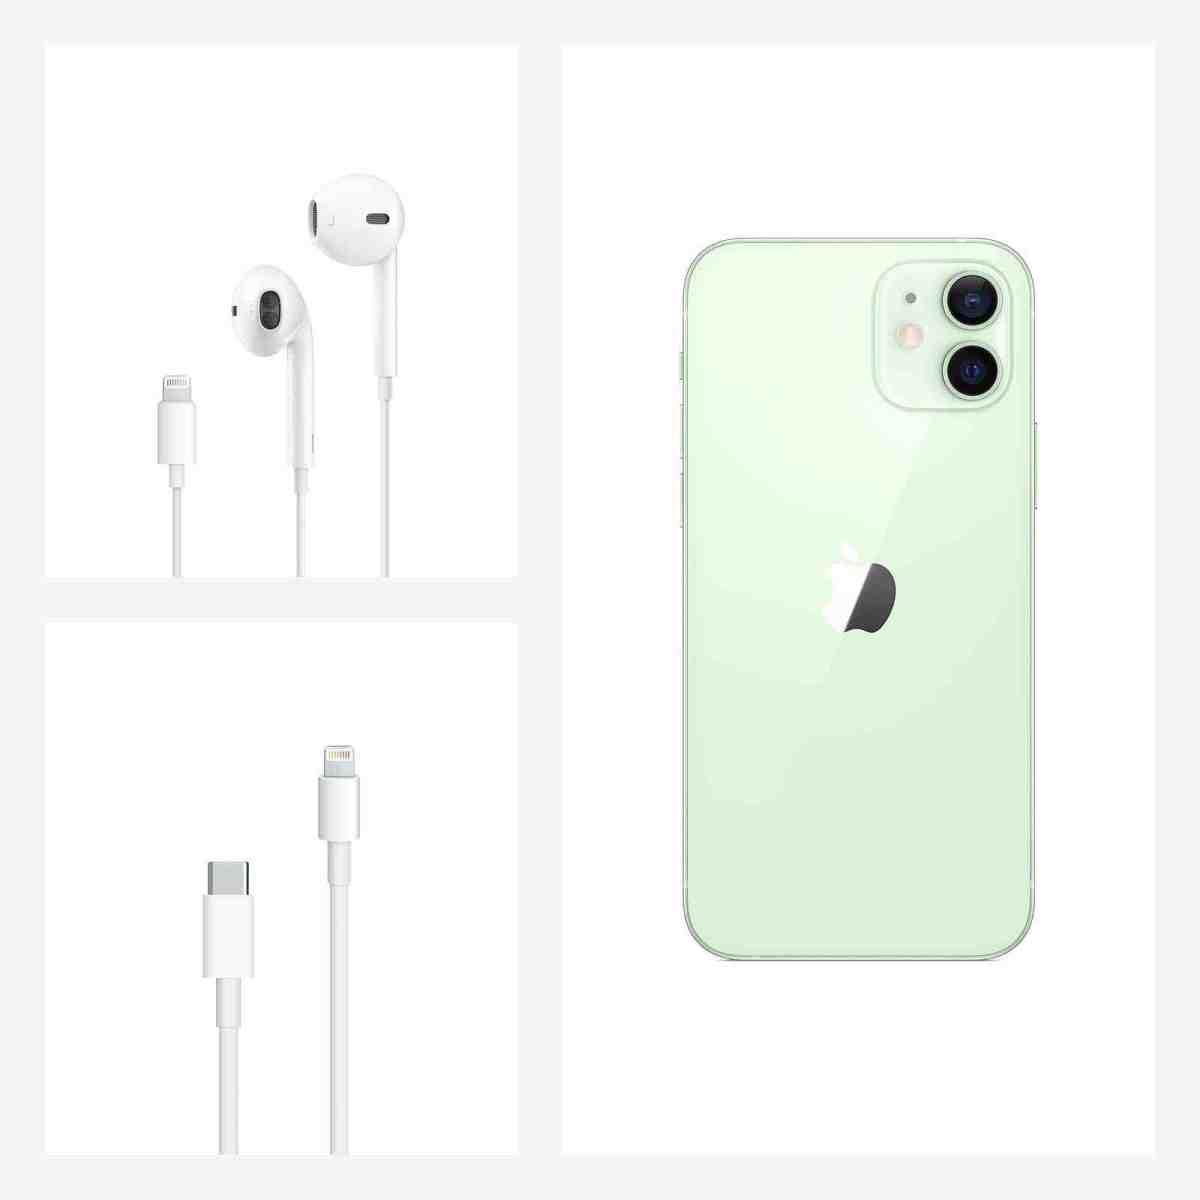 Quel est la différence entre l'iPhone 12 Mini et l'iPhone 12 ?